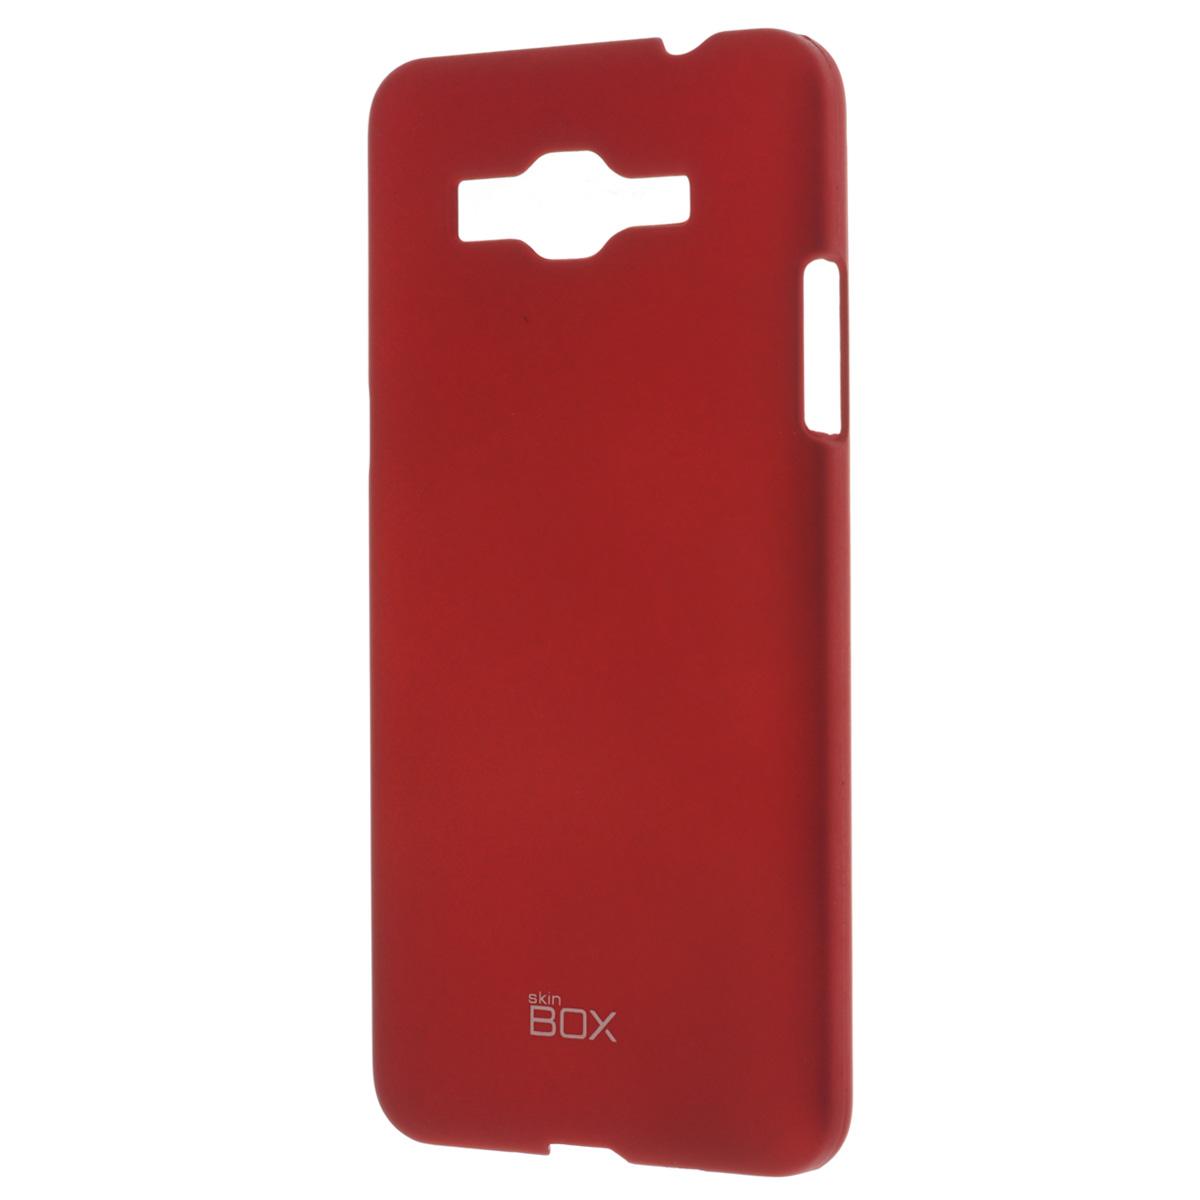 Skinbox Shield 4People чехол для Samsung Galaxy Grand Prime, RedT-S-SG530-002Чехол Skinbox Shield 4People для Samsung Galaxy Grand Prime предназначен для защиты корпуса смартфона от механических повреждений и царапин в процессе эксплуатации. Имеется свободный доступ ко всем разъемам и кнопкам устройства. В комплект также входит защитная пленка на экран телефона.